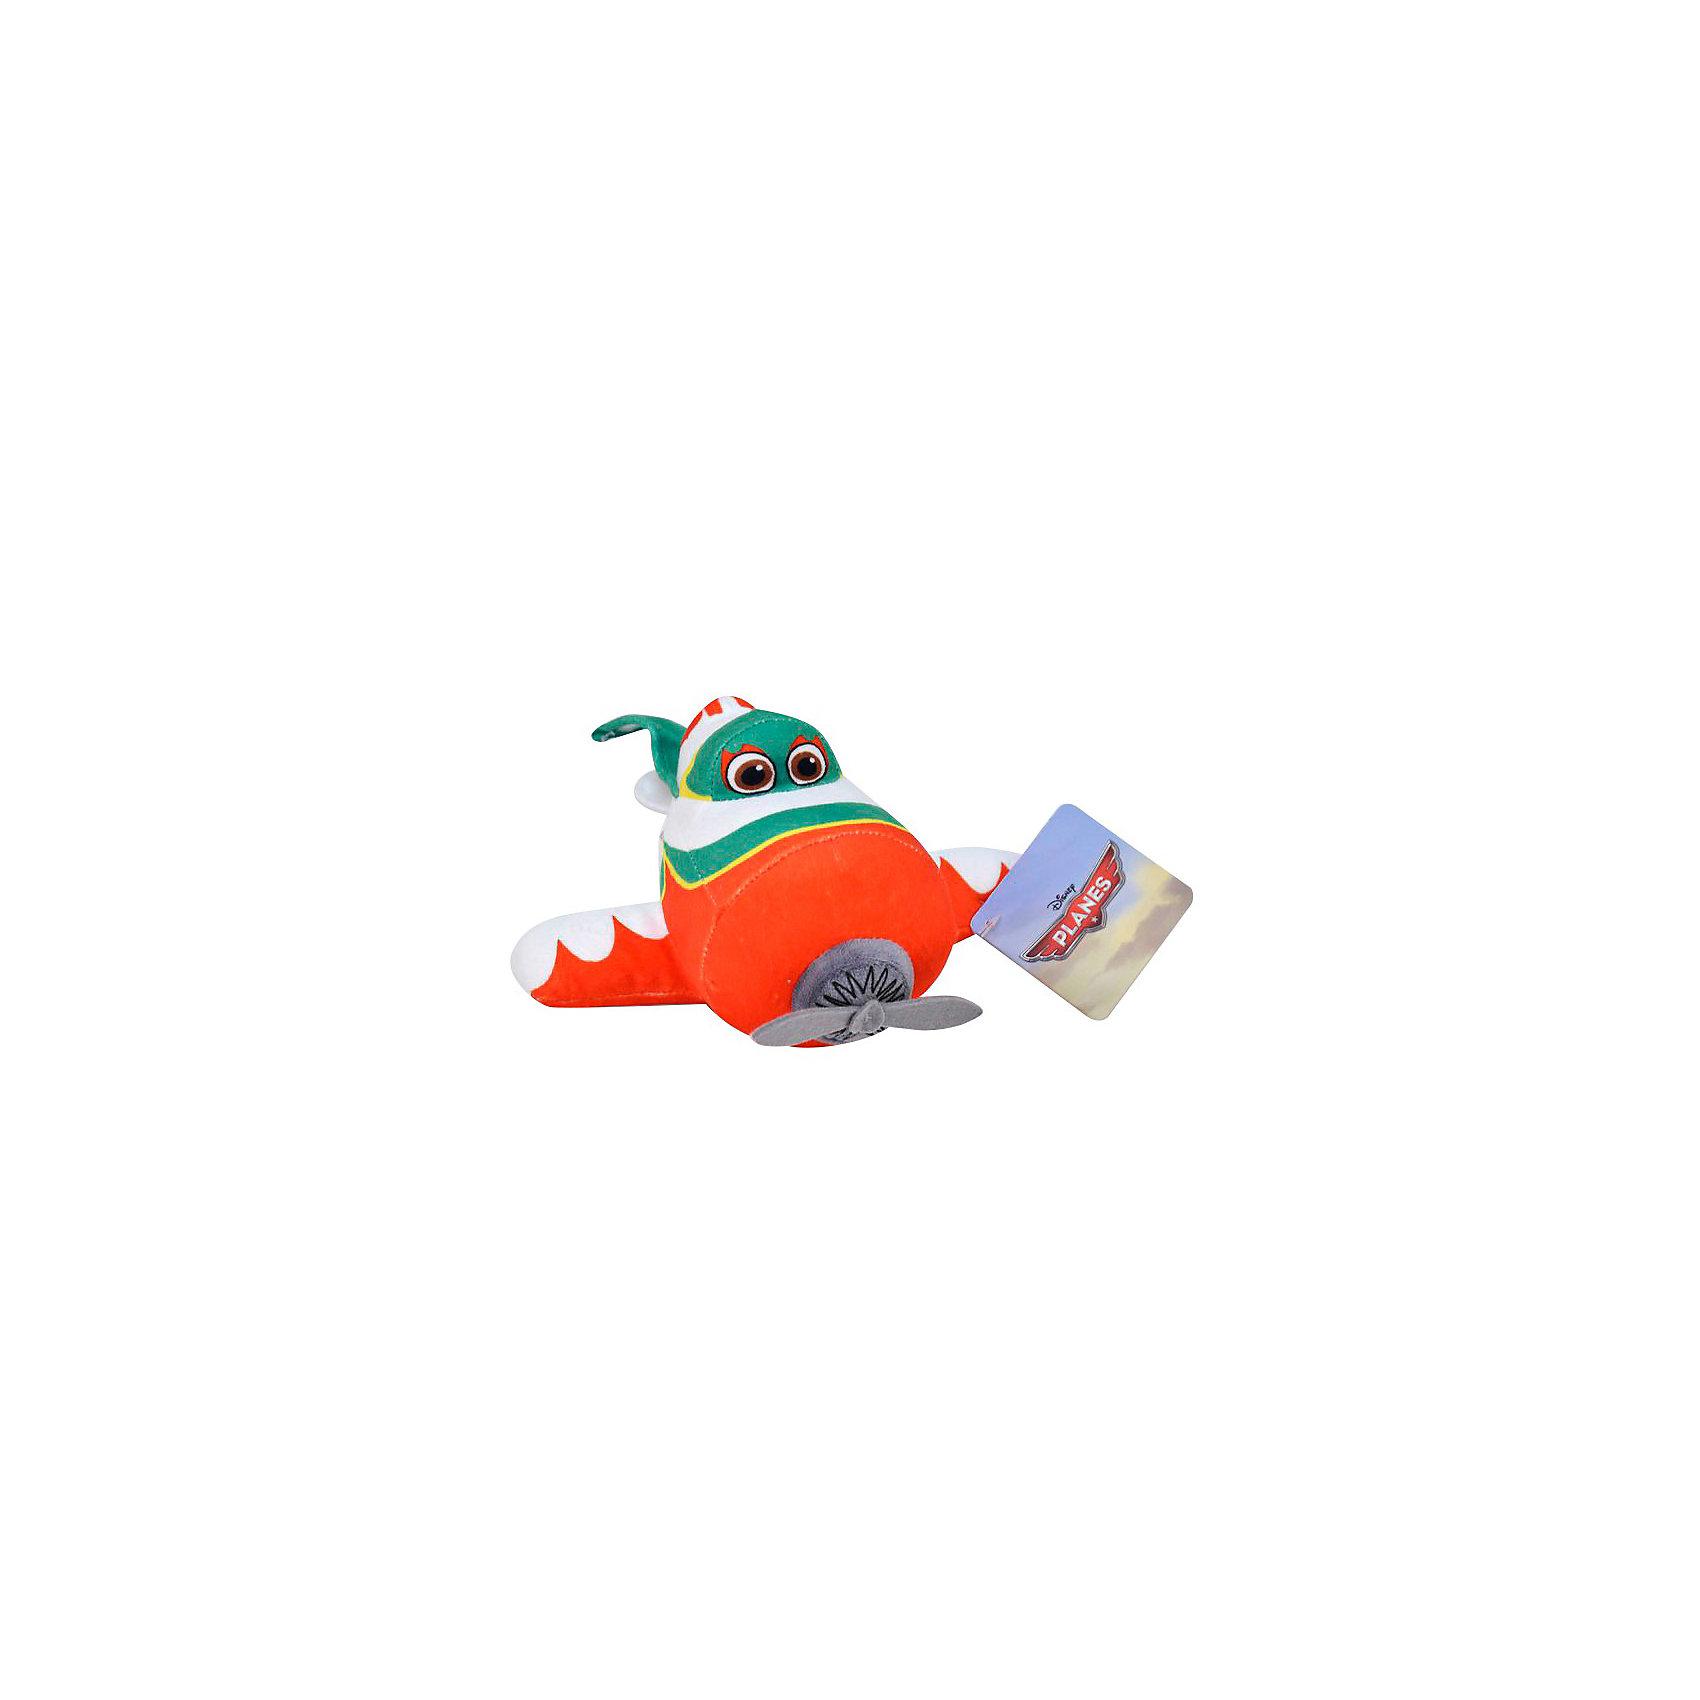 Disney Мягкая игрушка Эль Чу, 20 см, Самолеты купить чехол на айфон 5 s disney